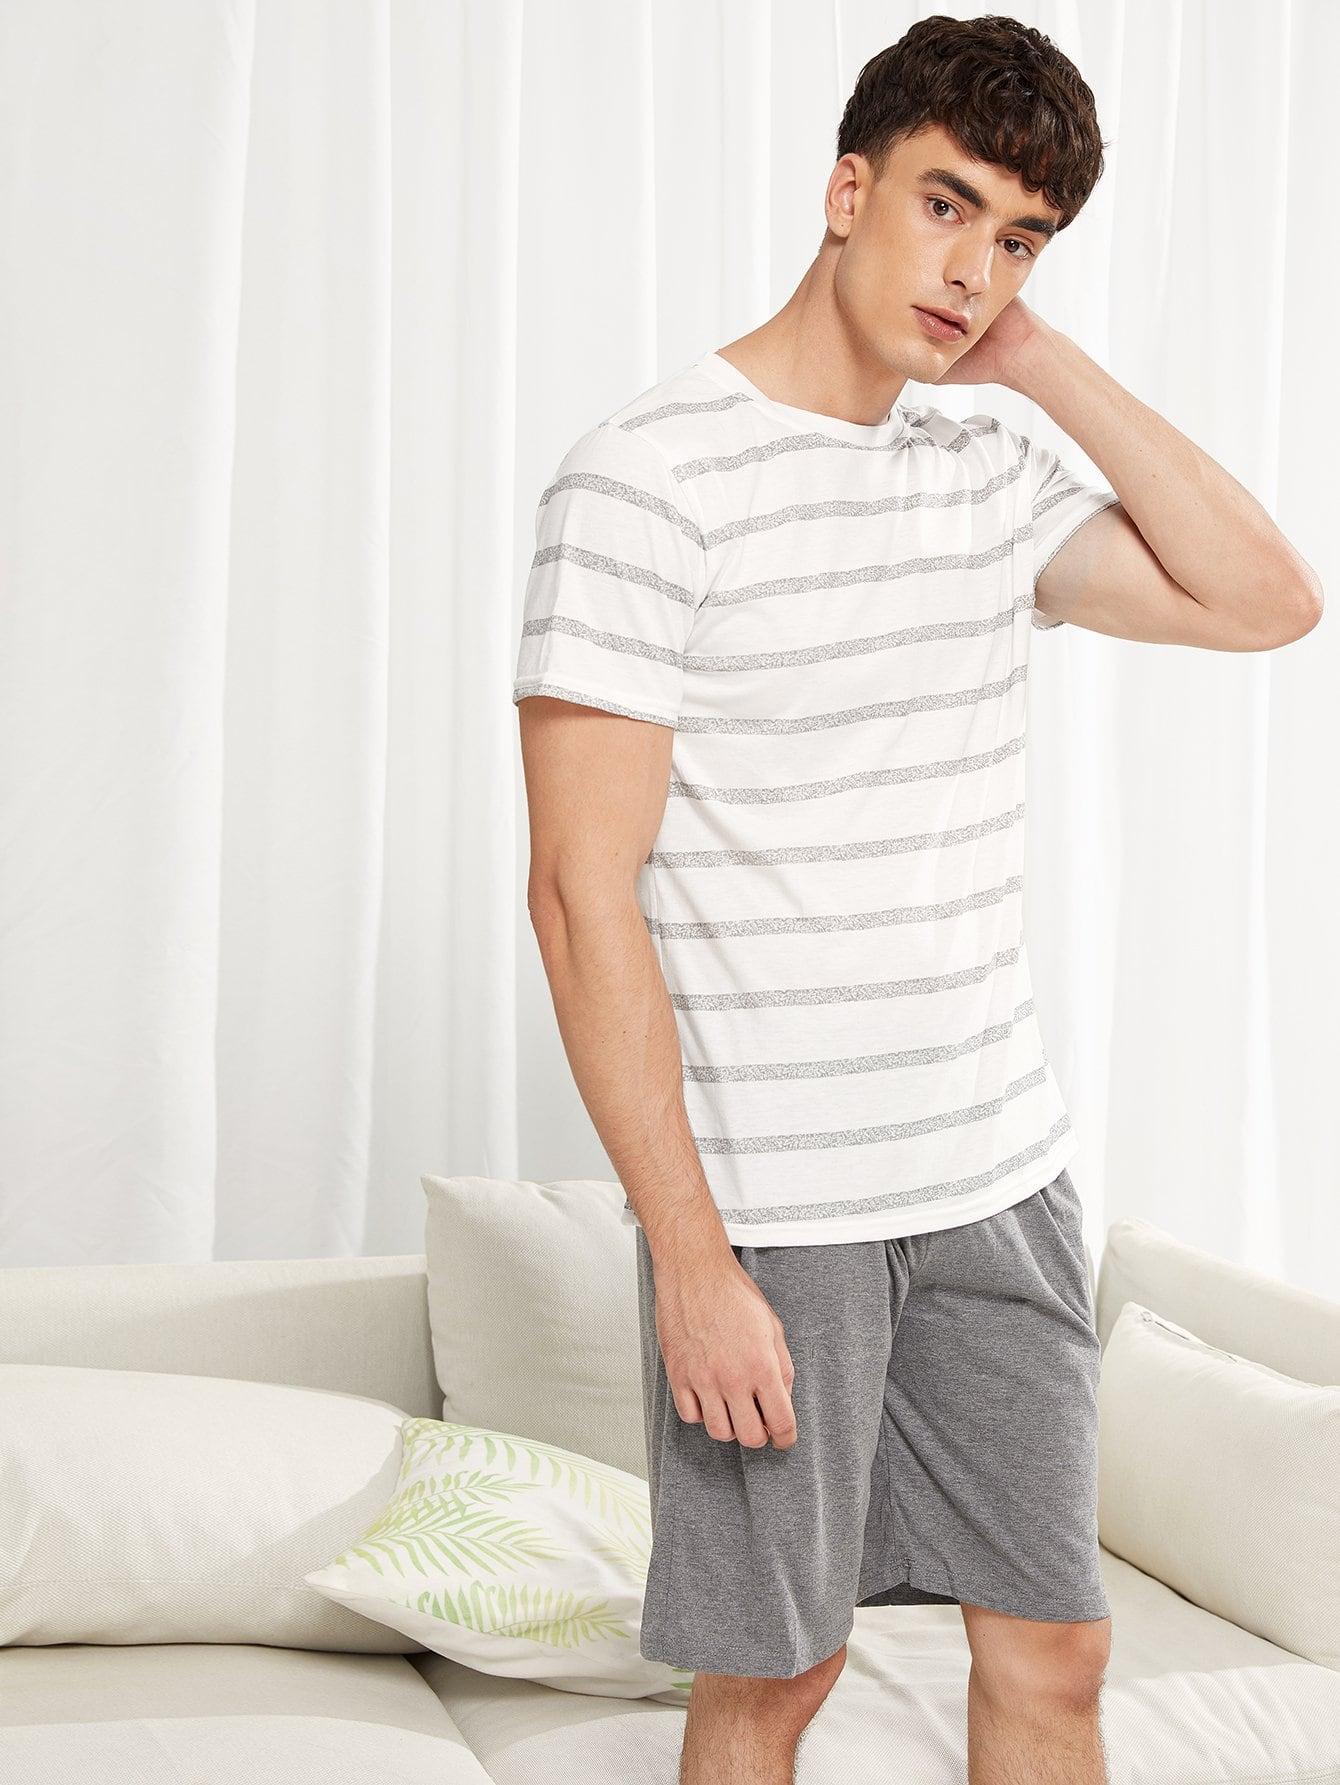 Комплект полосатой пижамы для мужчины от SheIn